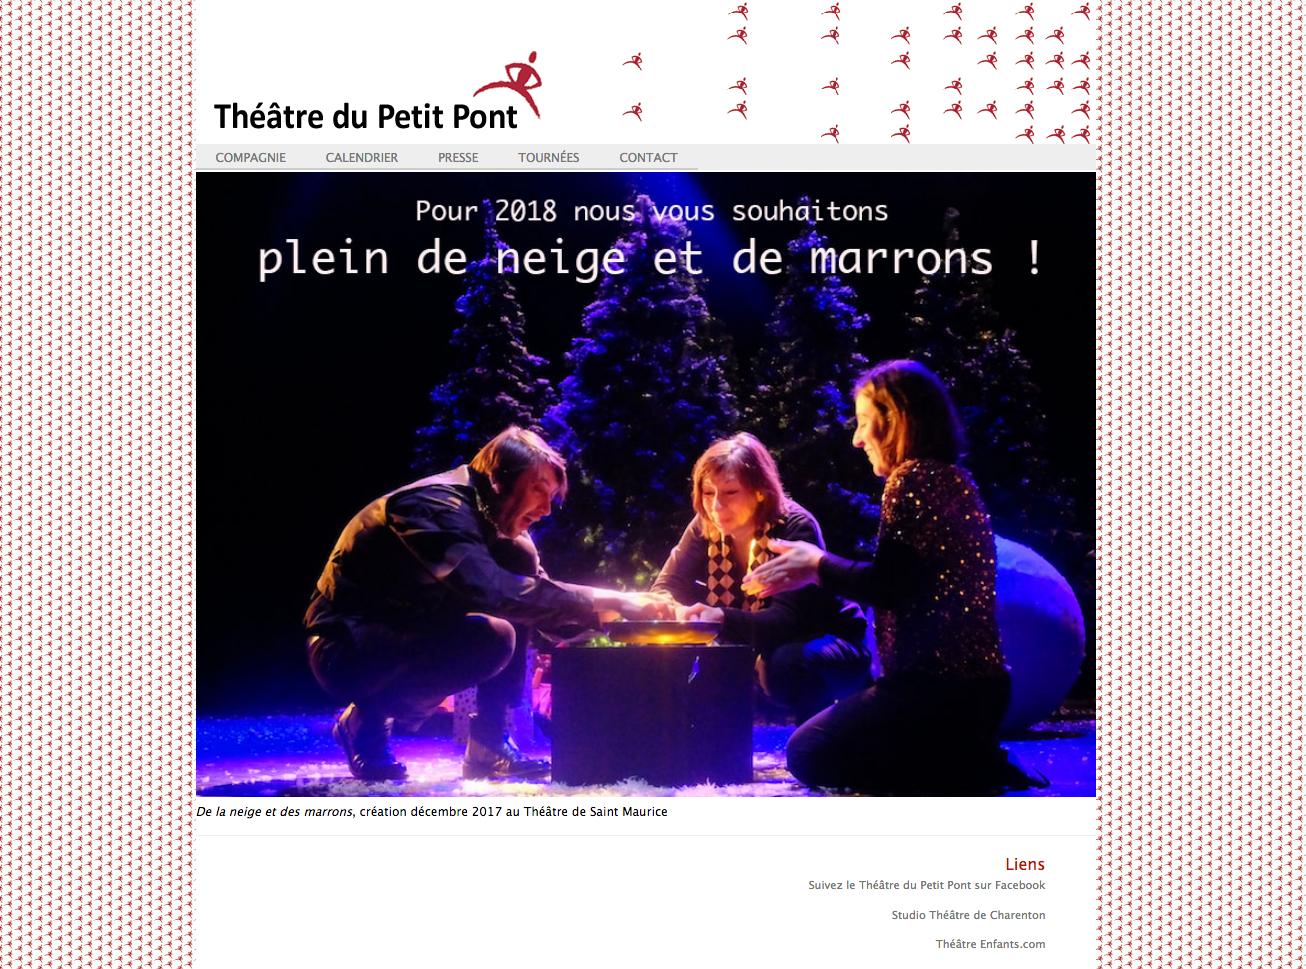 theatredupetitpont.fr.jpeg